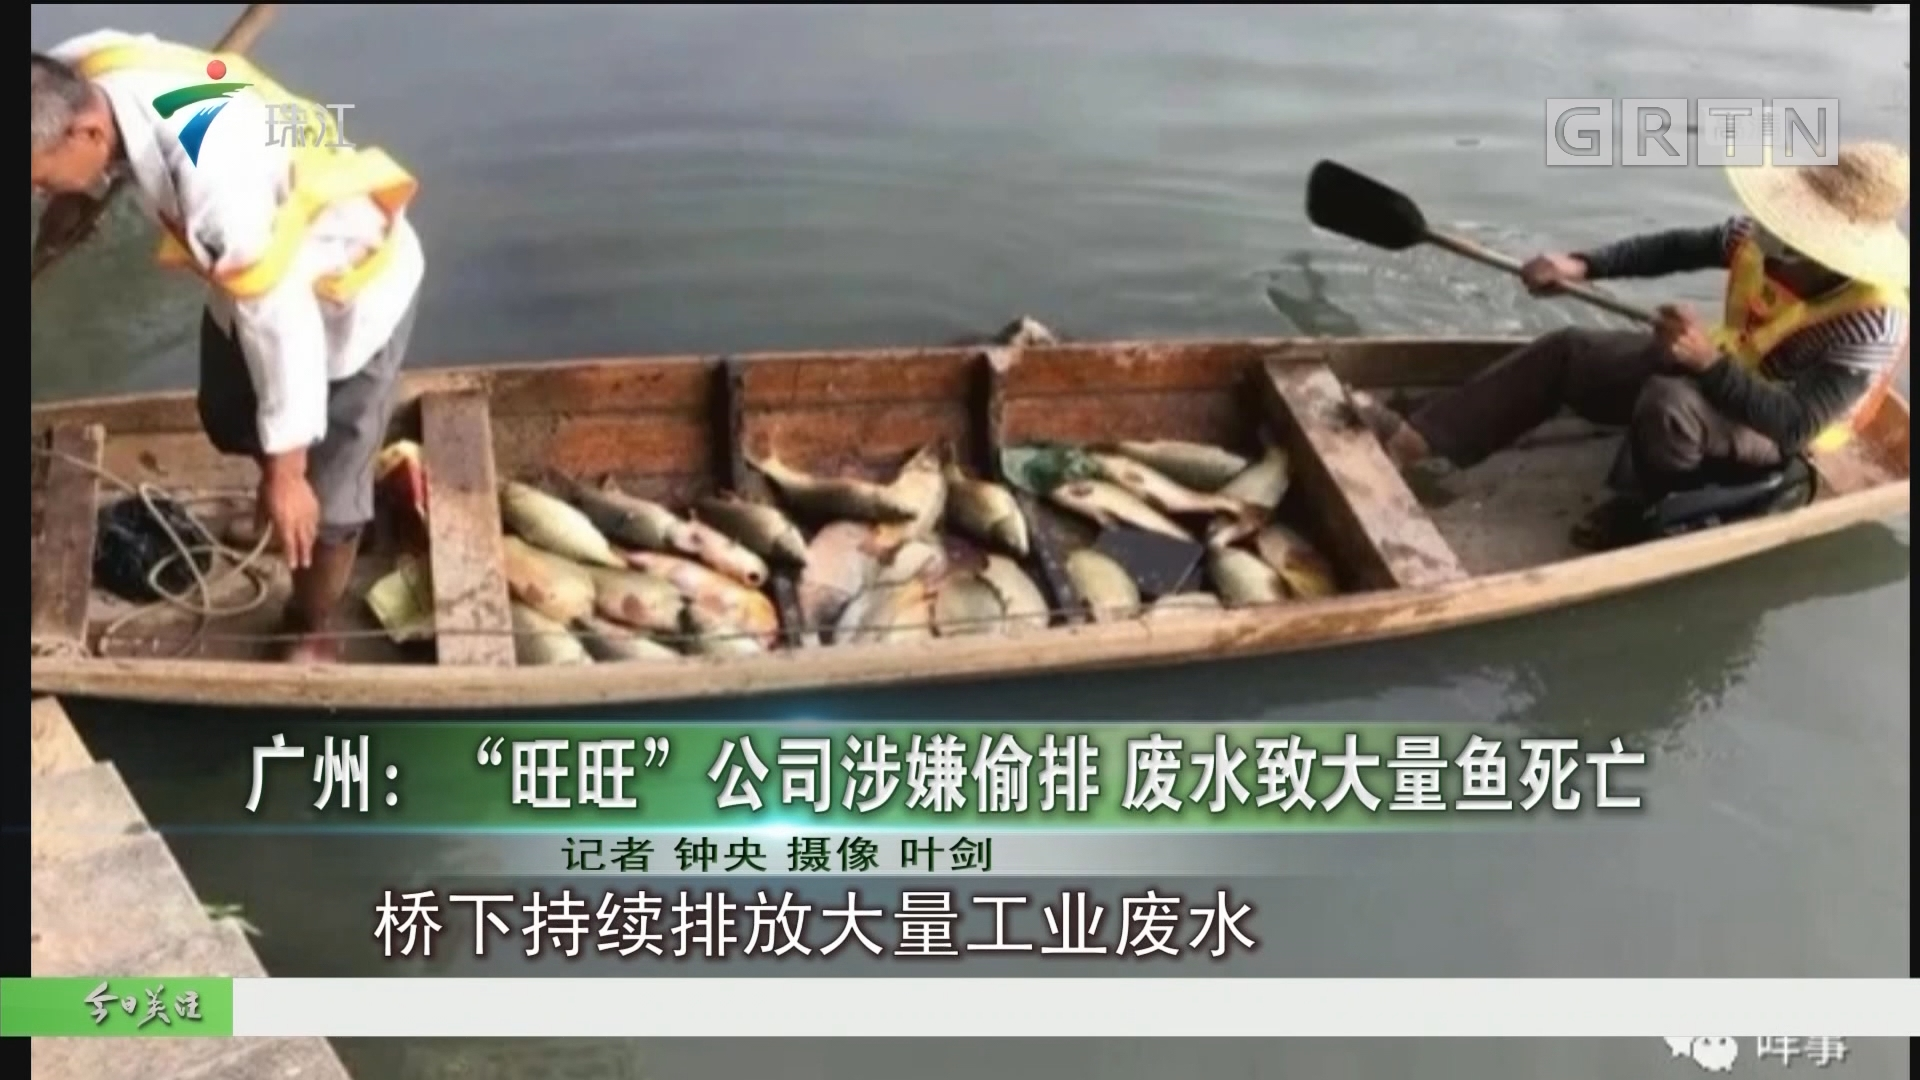 """广州:""""旺旺""""公司涉嫌偷排 废水致大量鱼死亡"""